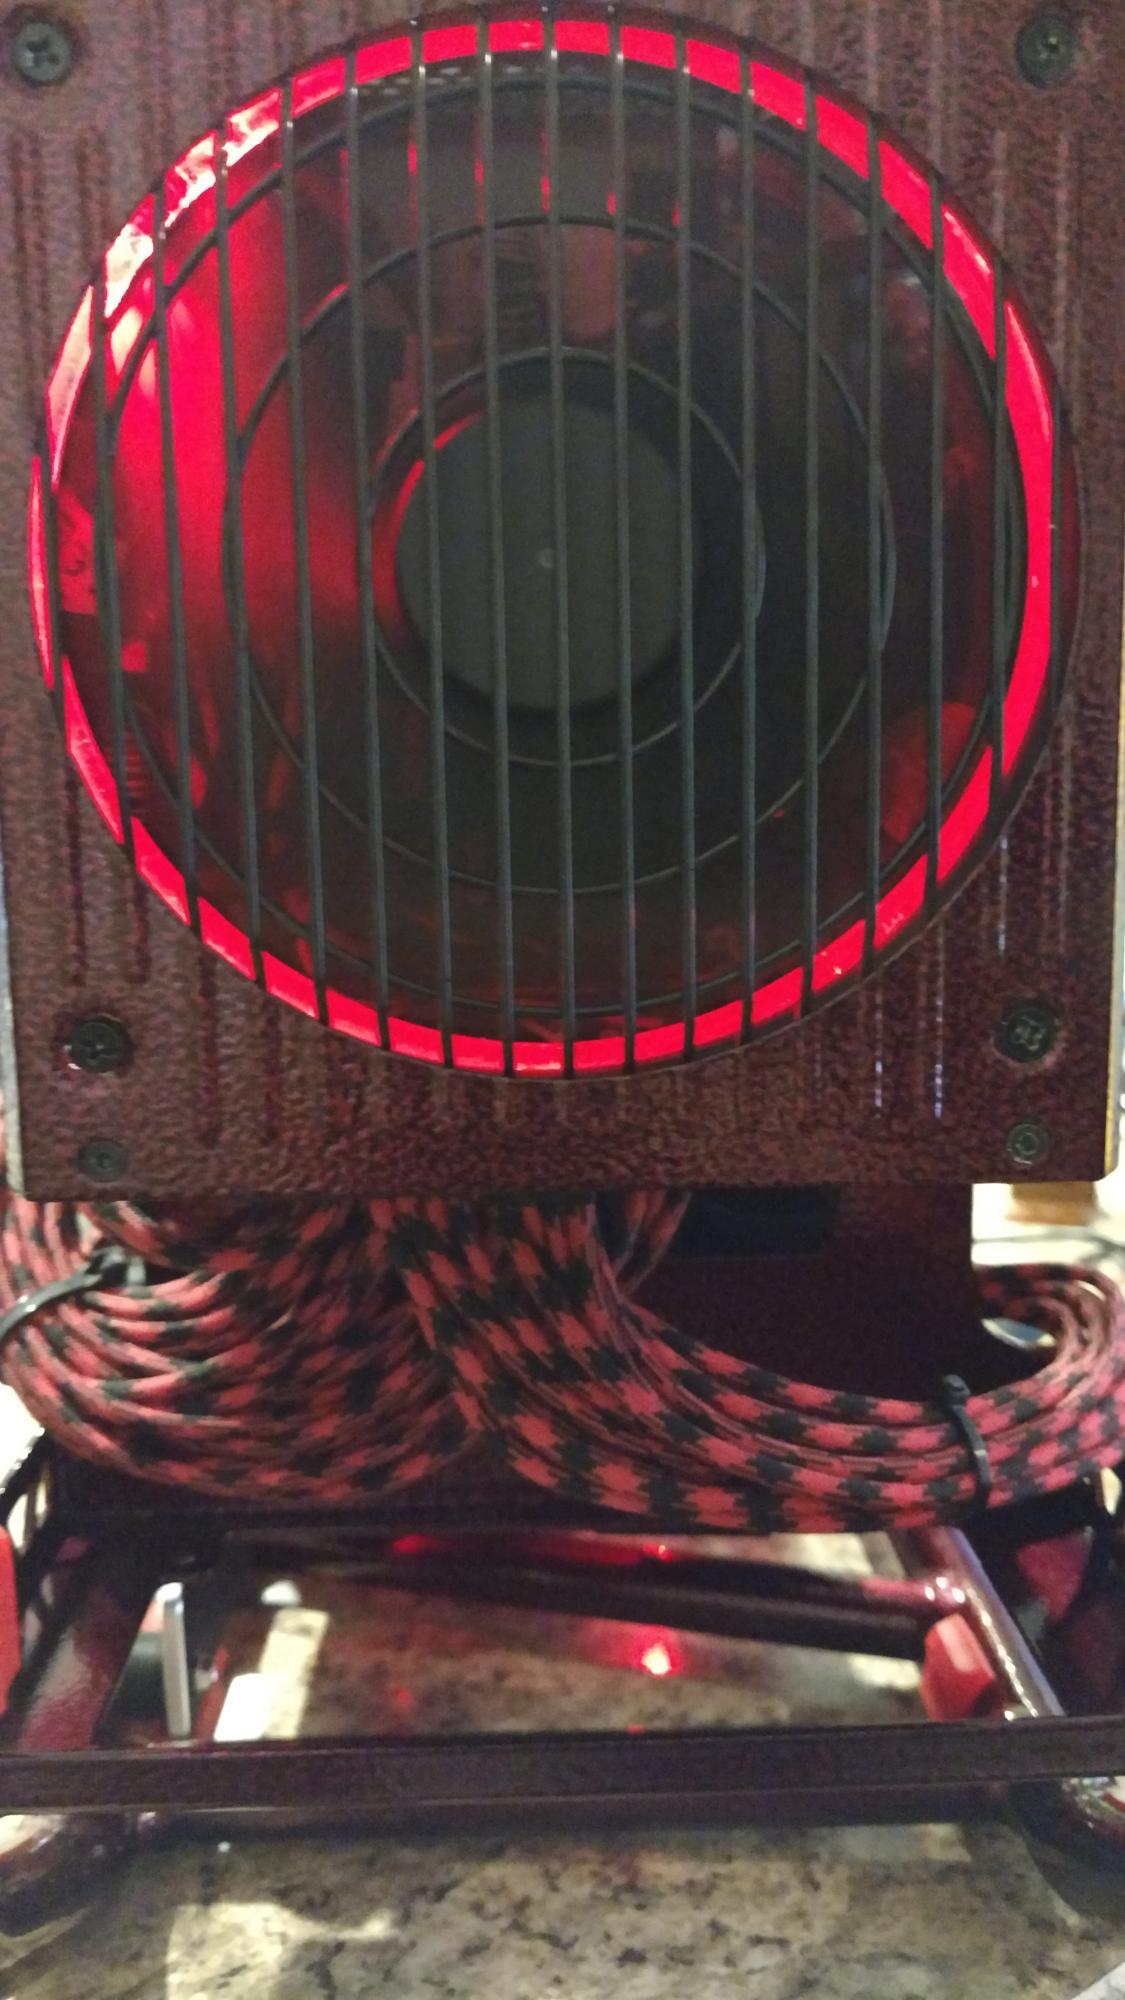 DOOMED PC Build Log-img_20160702_185757945-jpg